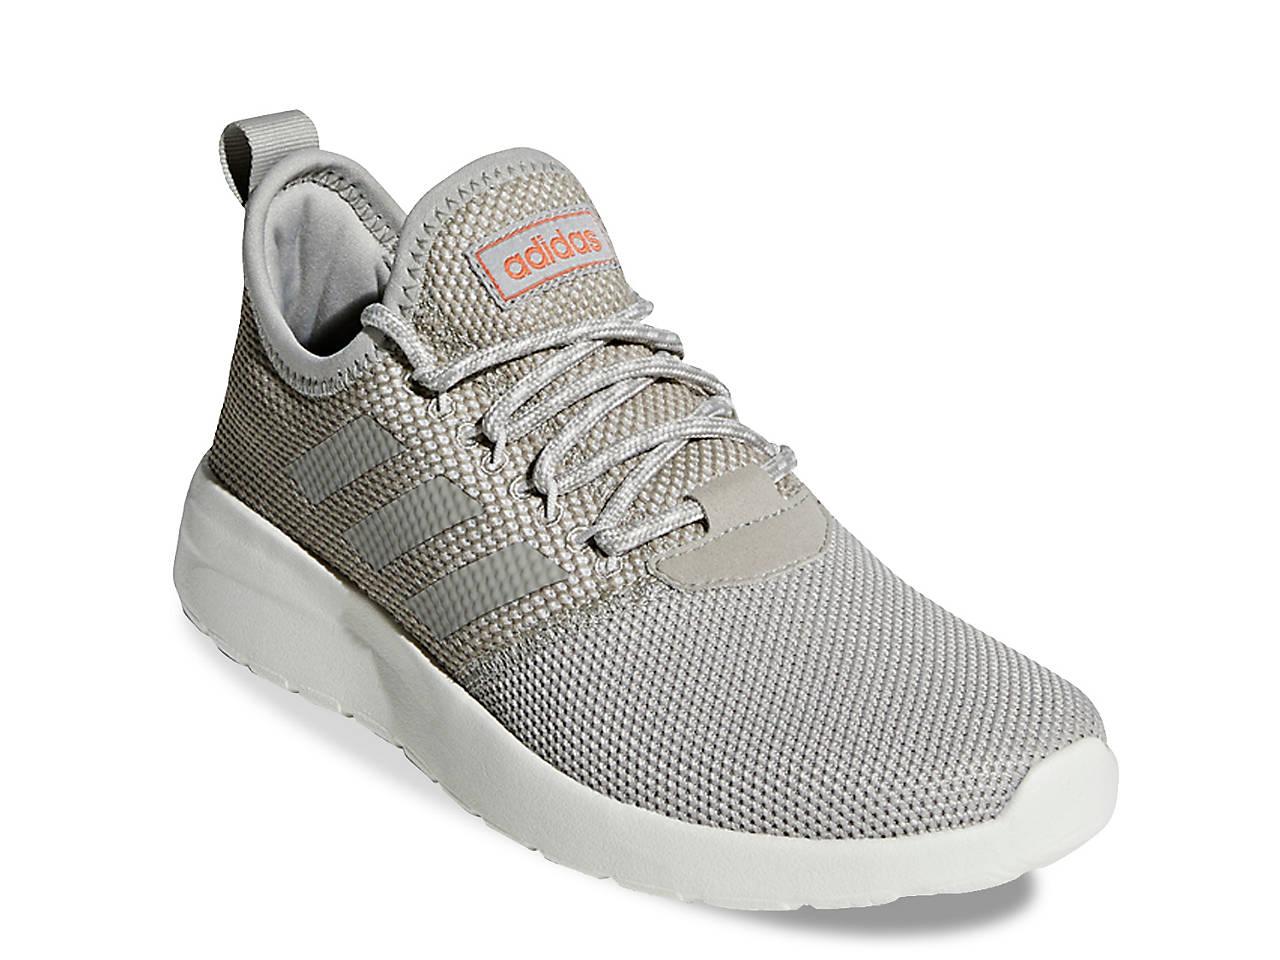 0b35b2303bf2d adidas Lite Racer RBN Sneaker - Women's Women's Shoes | DSW